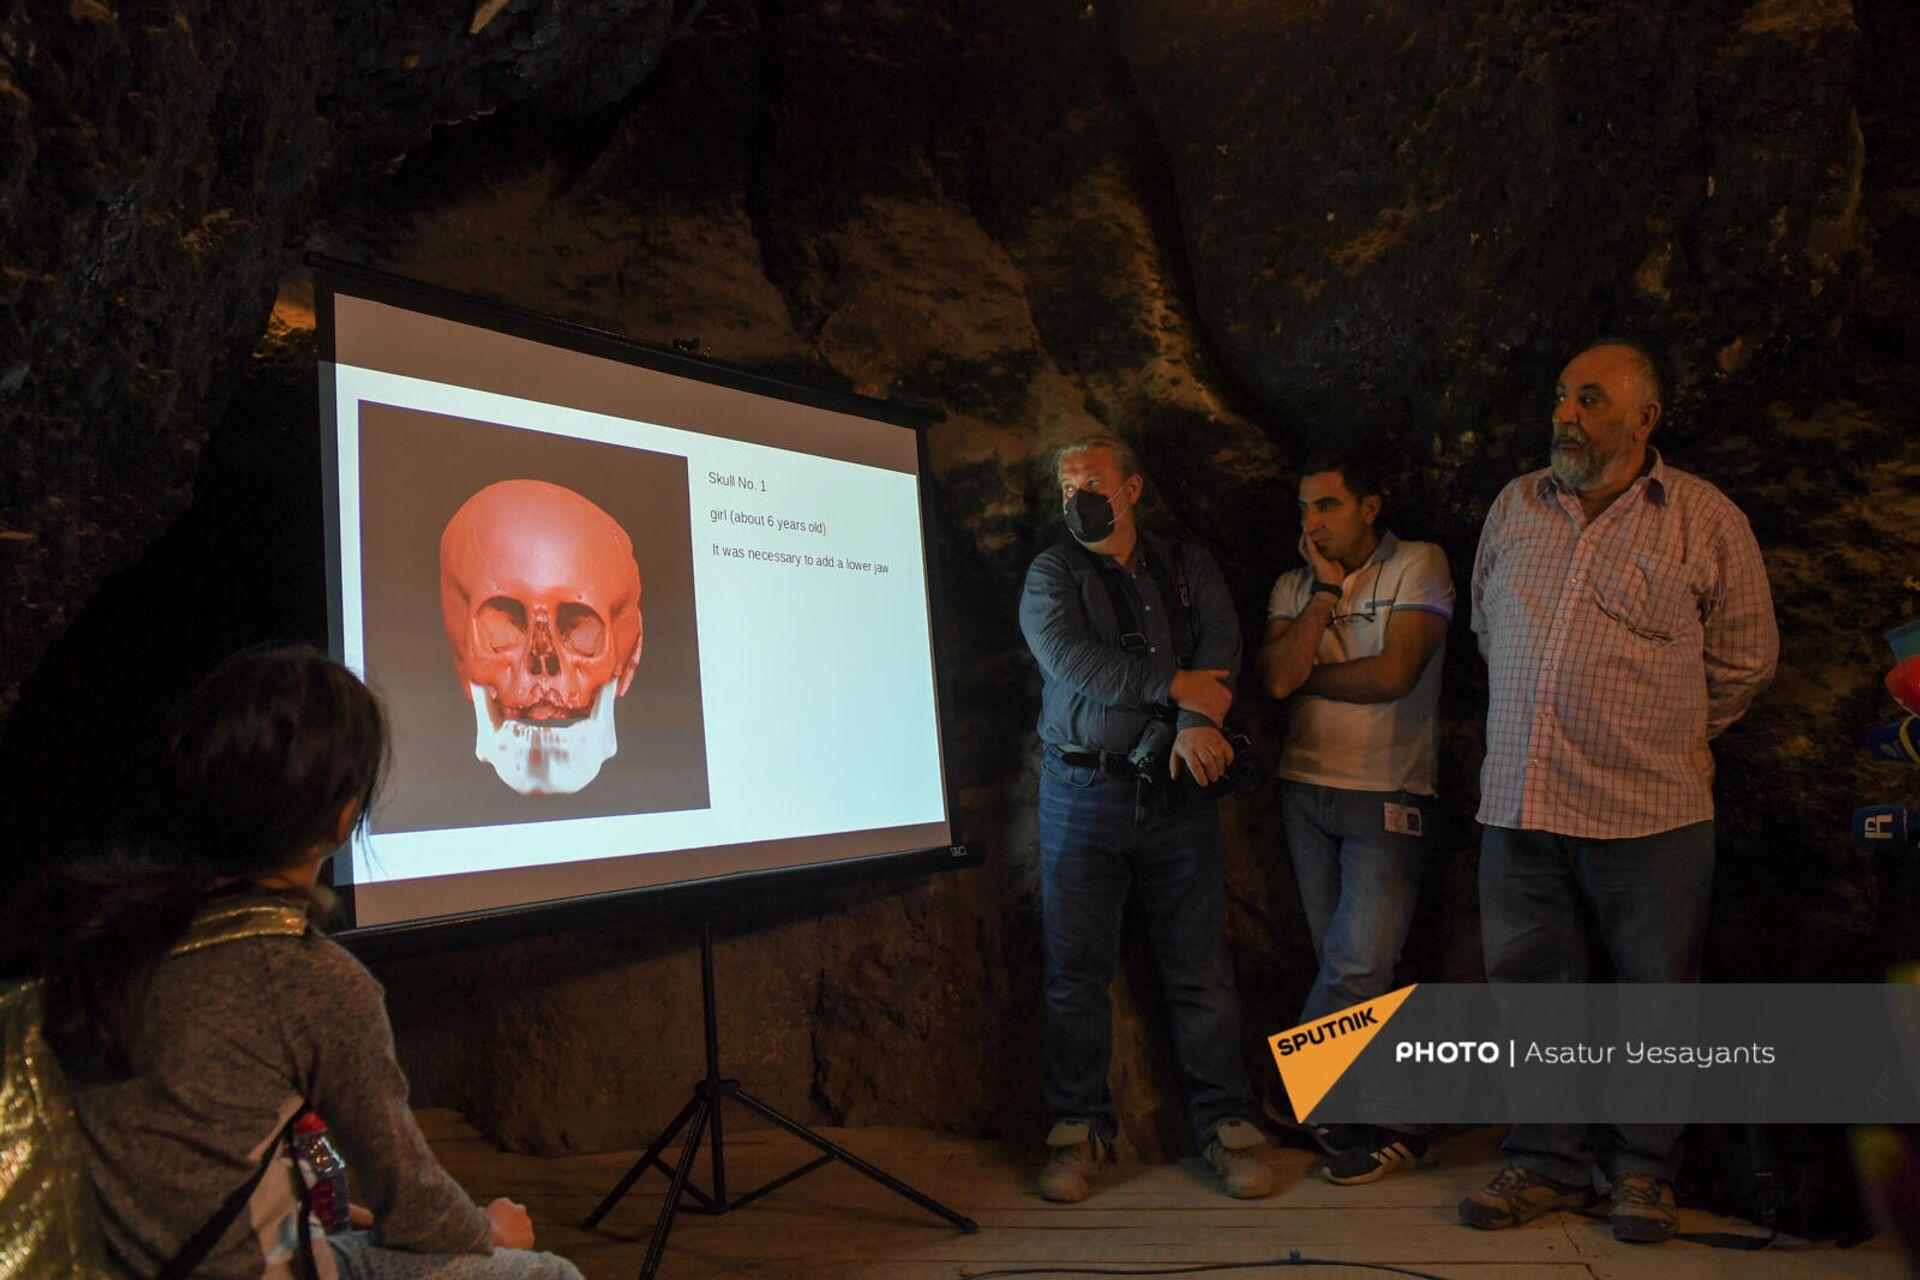 Антропологическая реконструкция по черепу, обнаруженному в пещере Арени-1 - Sputnik Армения, 1920, 23.09.2021